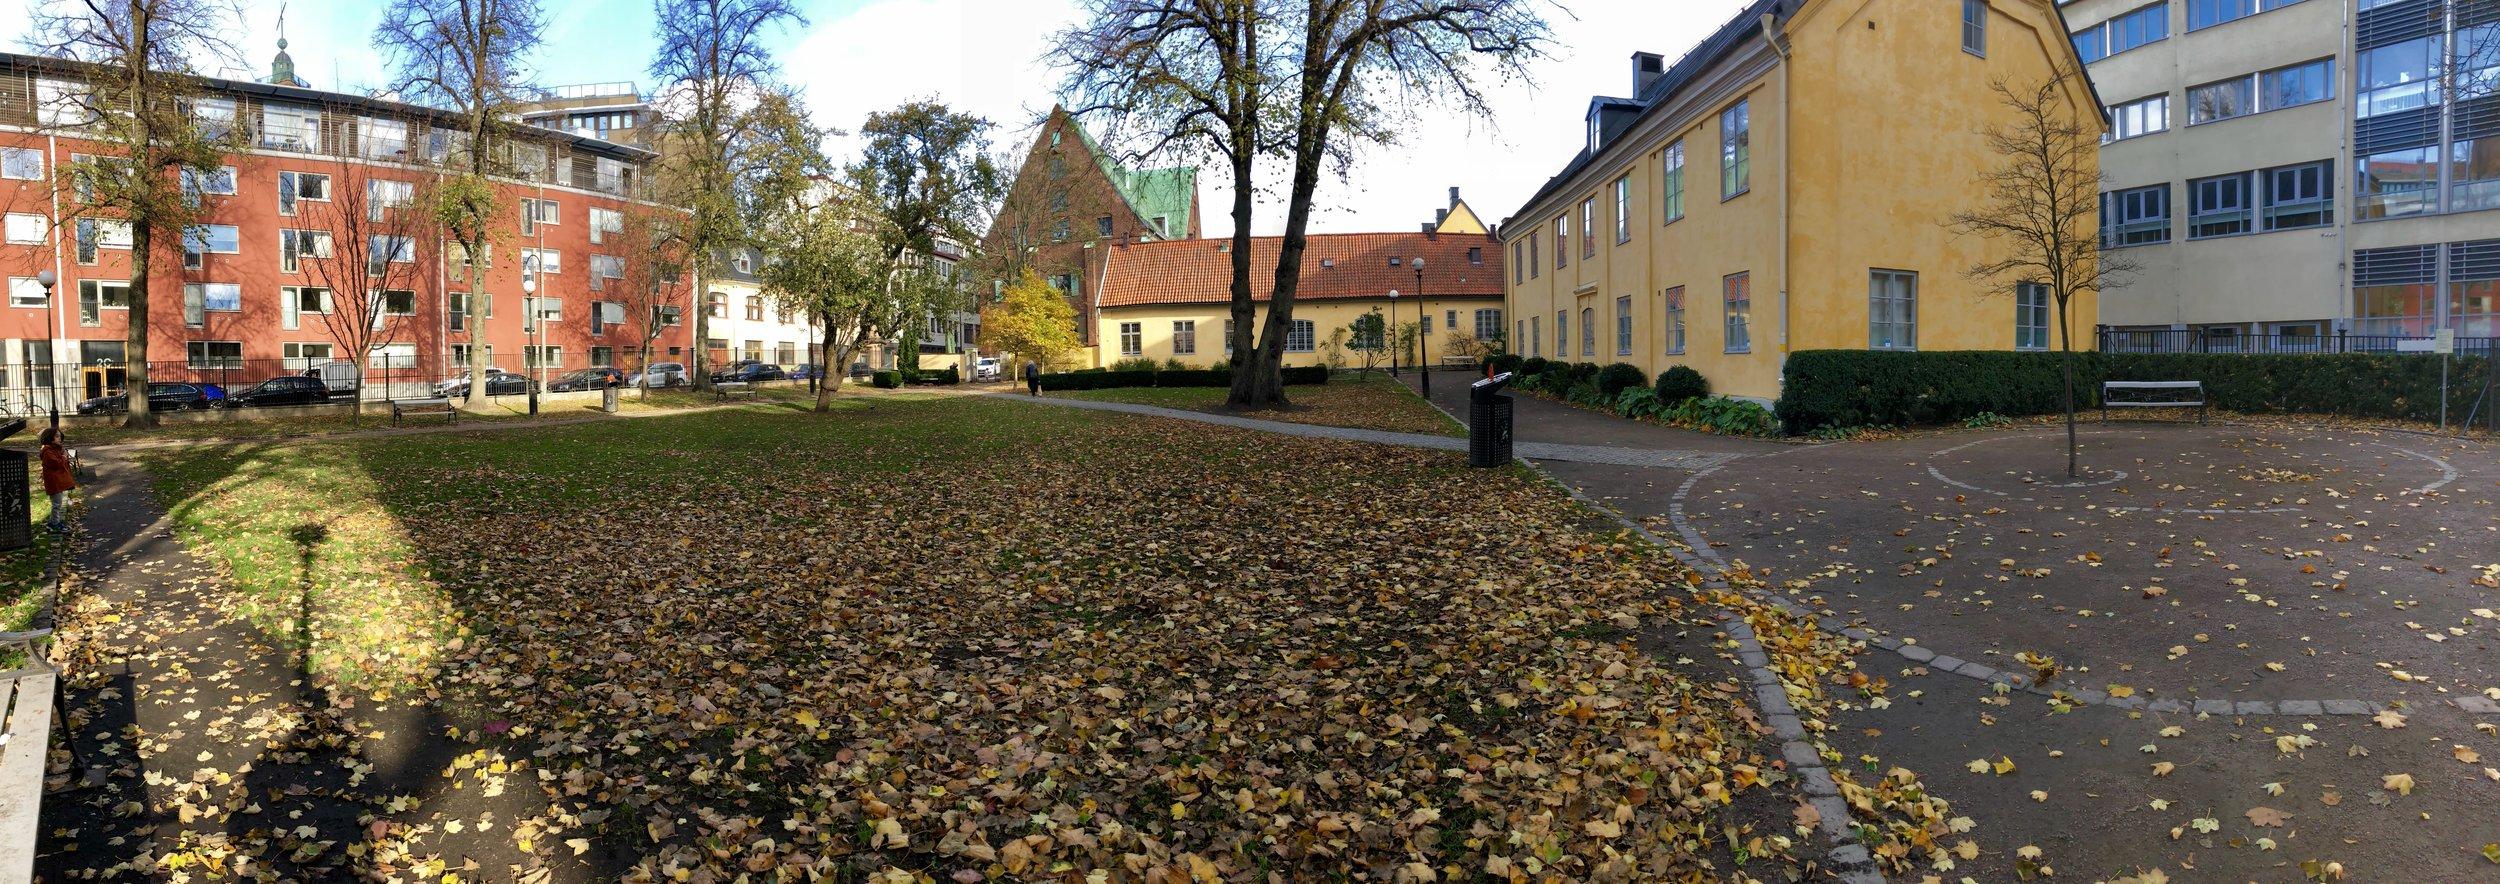 Kronhuset (rakt fram), Kronhusbodarna på Postgatan (gula byggnaderna) samt den idylliska parken intill.